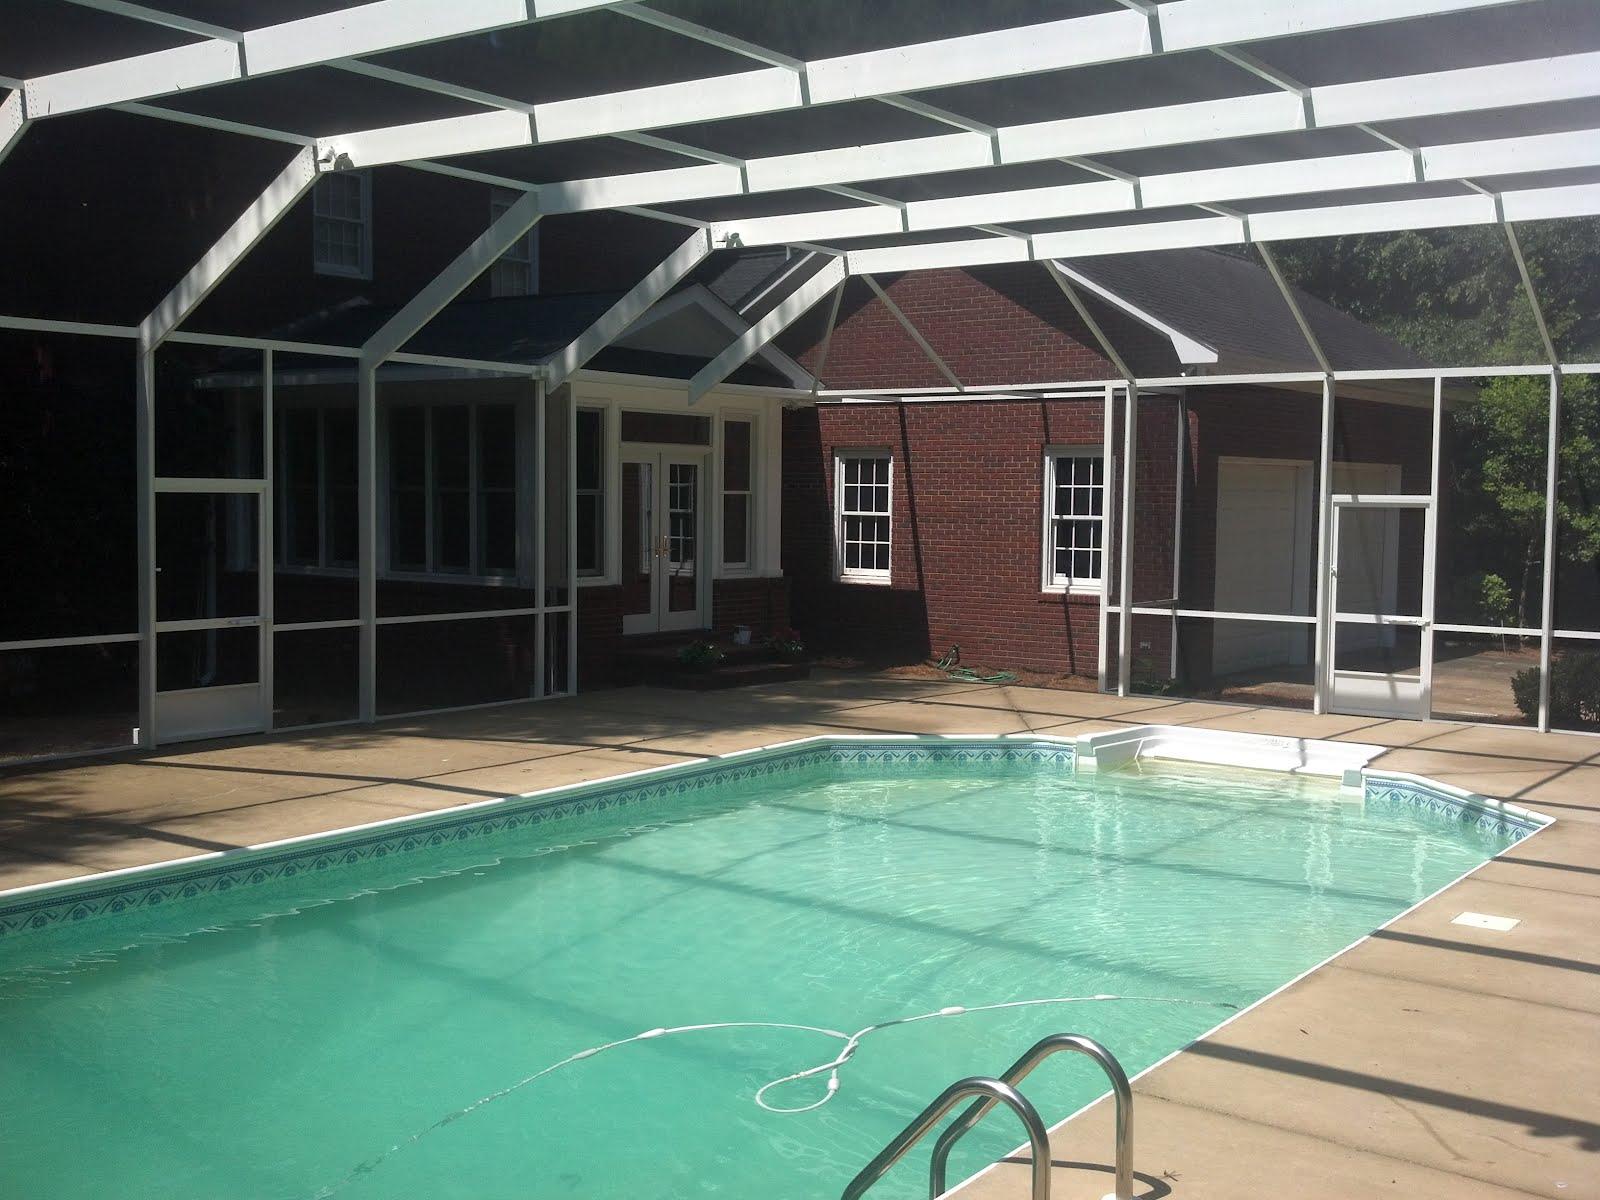 Pool enclosures usa georgia pool enclosure - Swimming pool screen enclosures cost ...